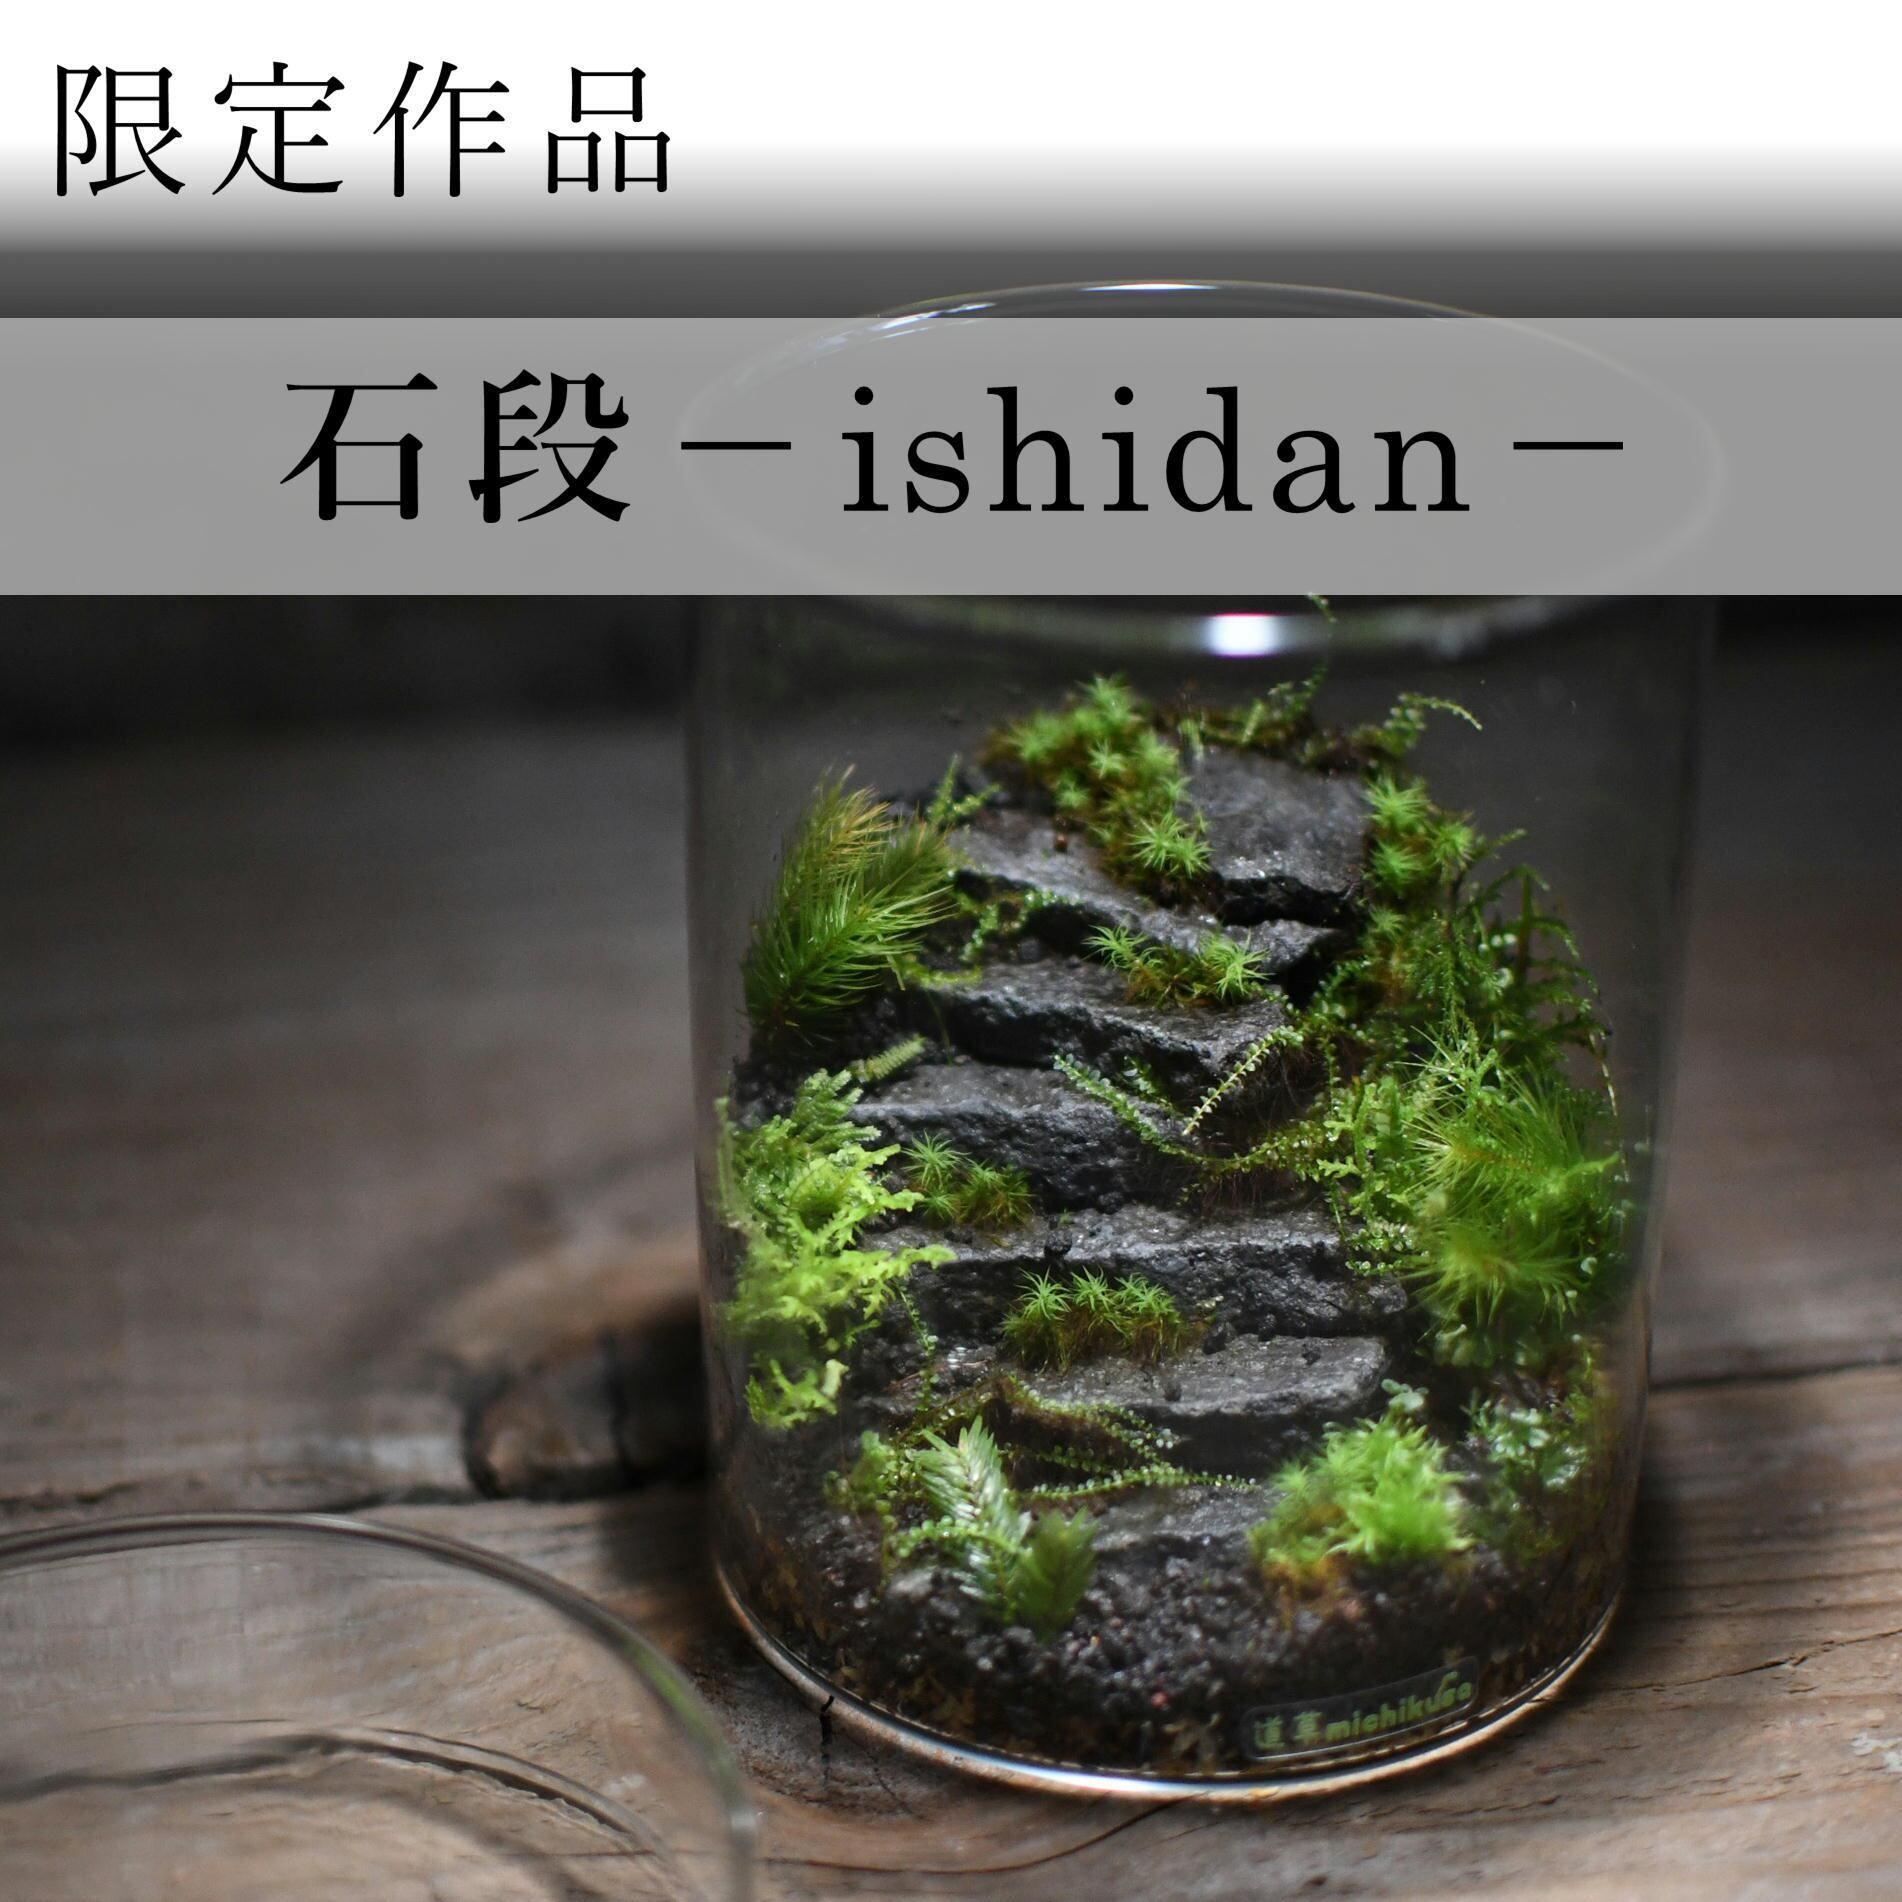 苔景−石段 −【苔テラリウム・現物限定販売】